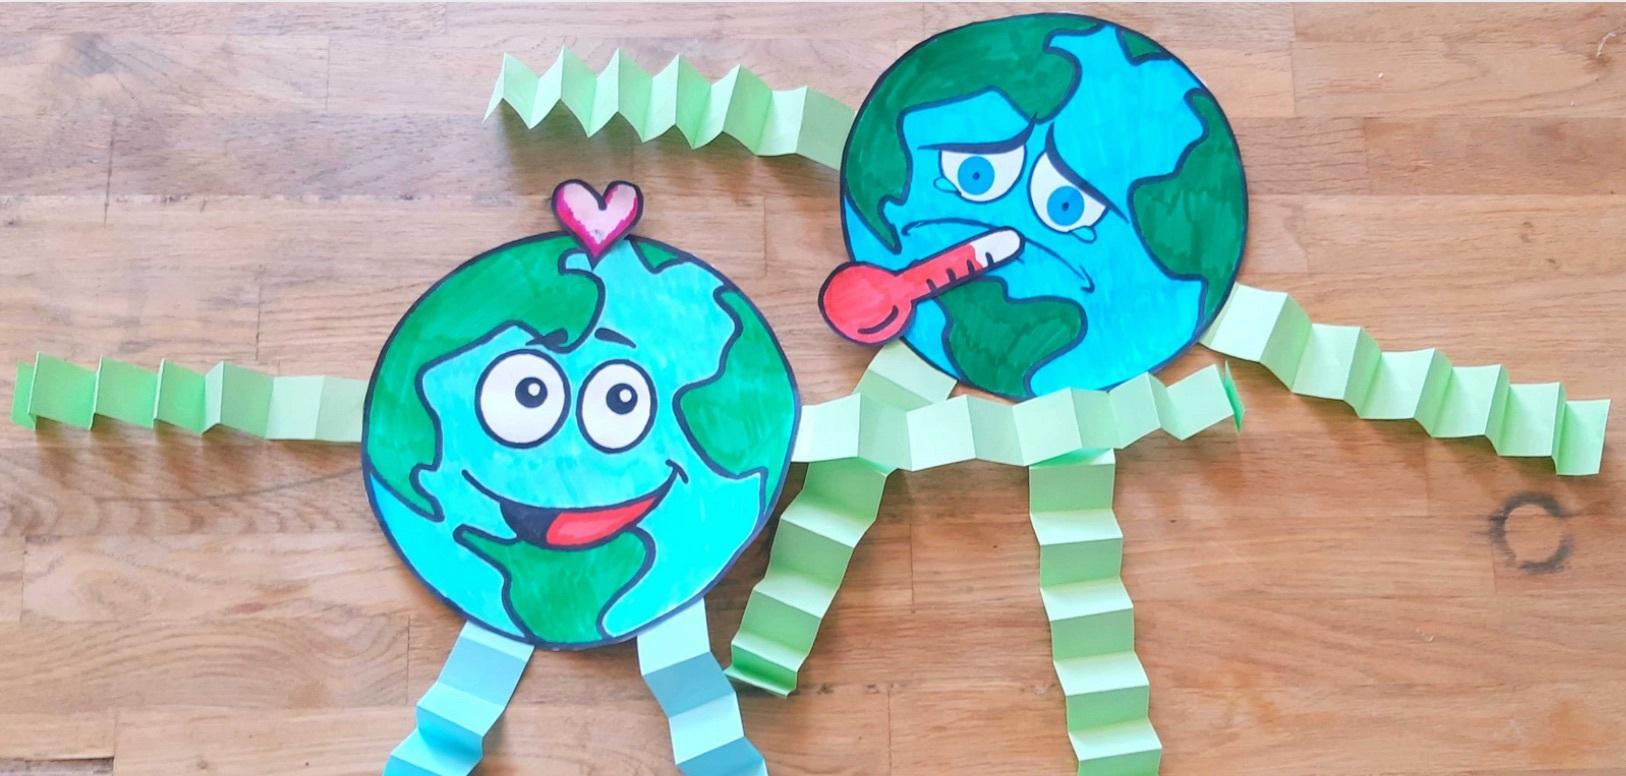 Žemė ir klimato kaita: rankdarbis vaikams